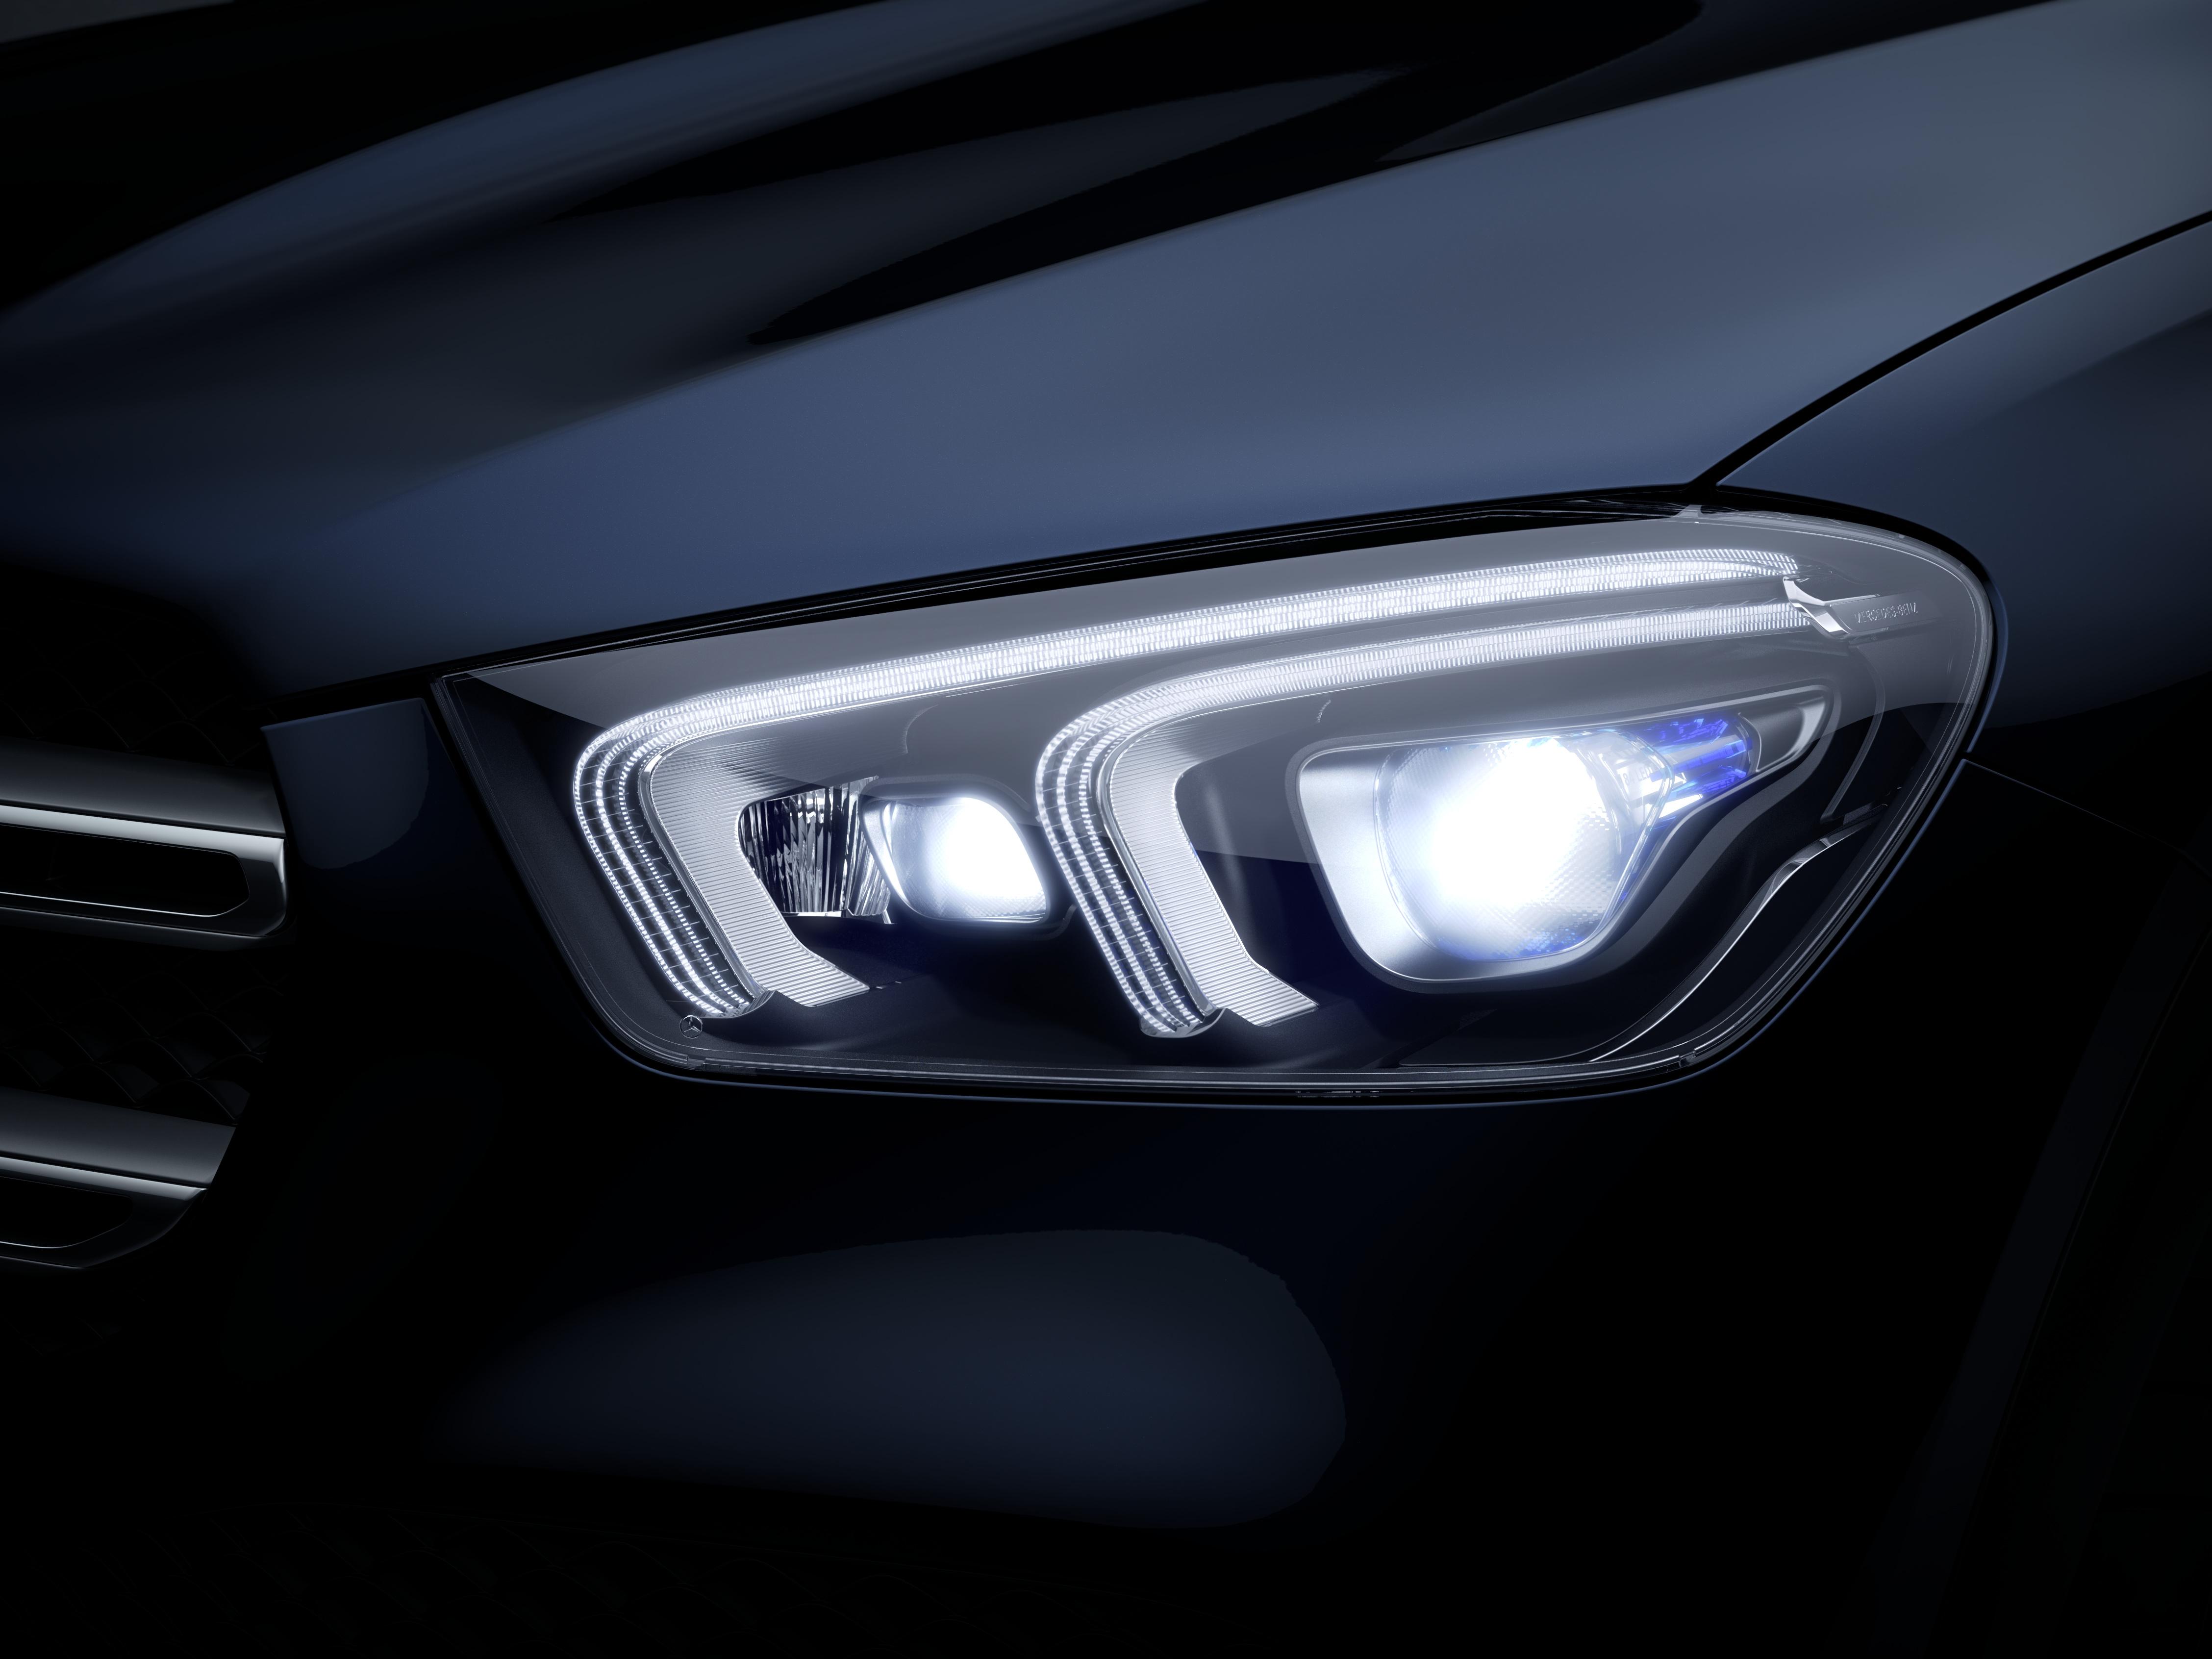 Phares de la Mercedes GLE Finition AMG Line